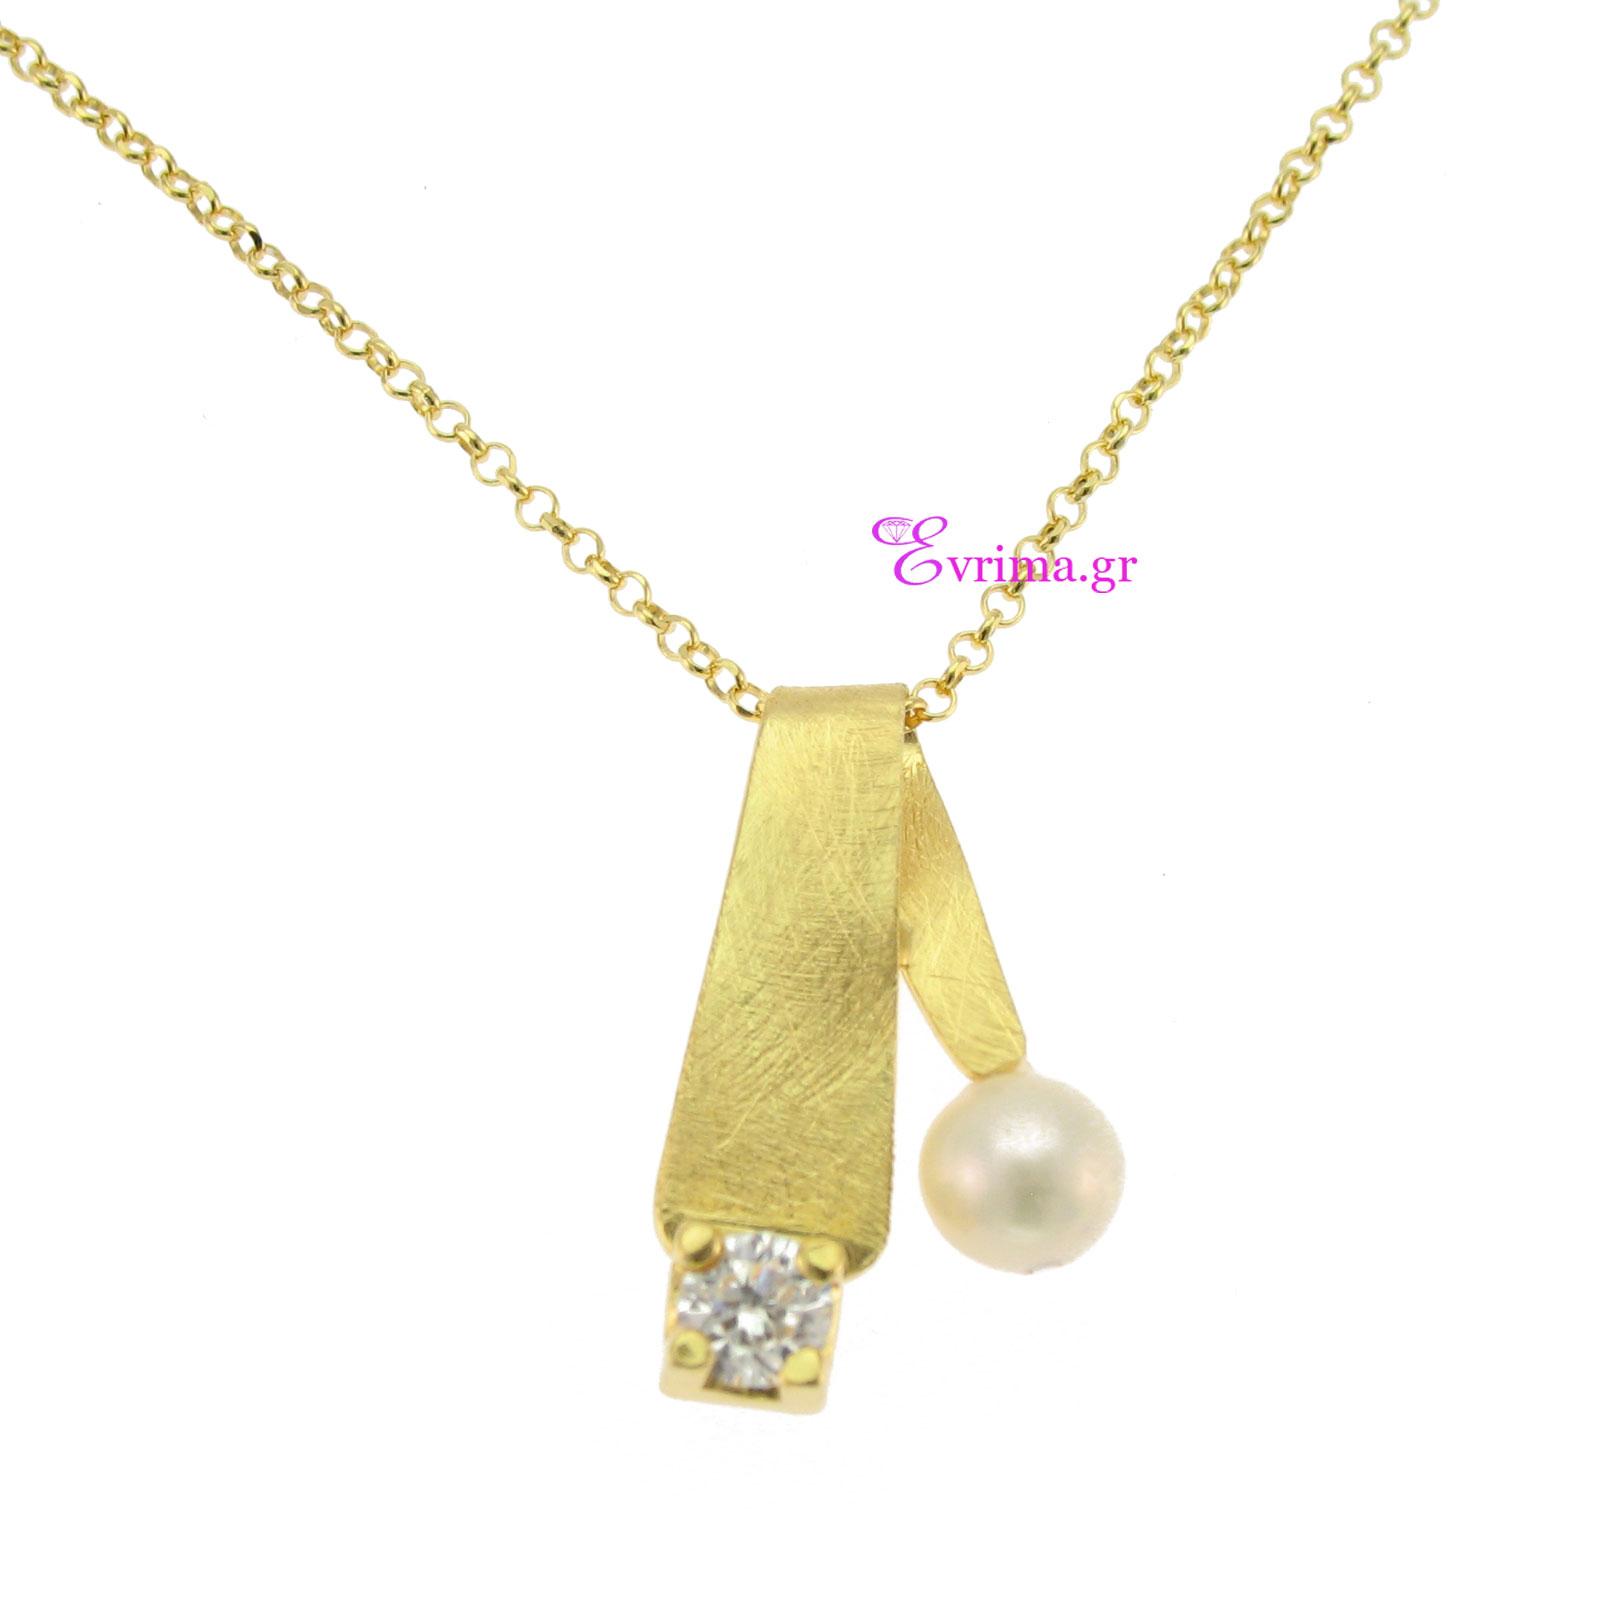 Χειροποίητο κολιέ από επιχρυσωμένο ασήμι 925ο με ημιπολύτιμες πέτρες  (Πέρλες και Ζιργκόν). IJ-040054 e71d7fda2e0